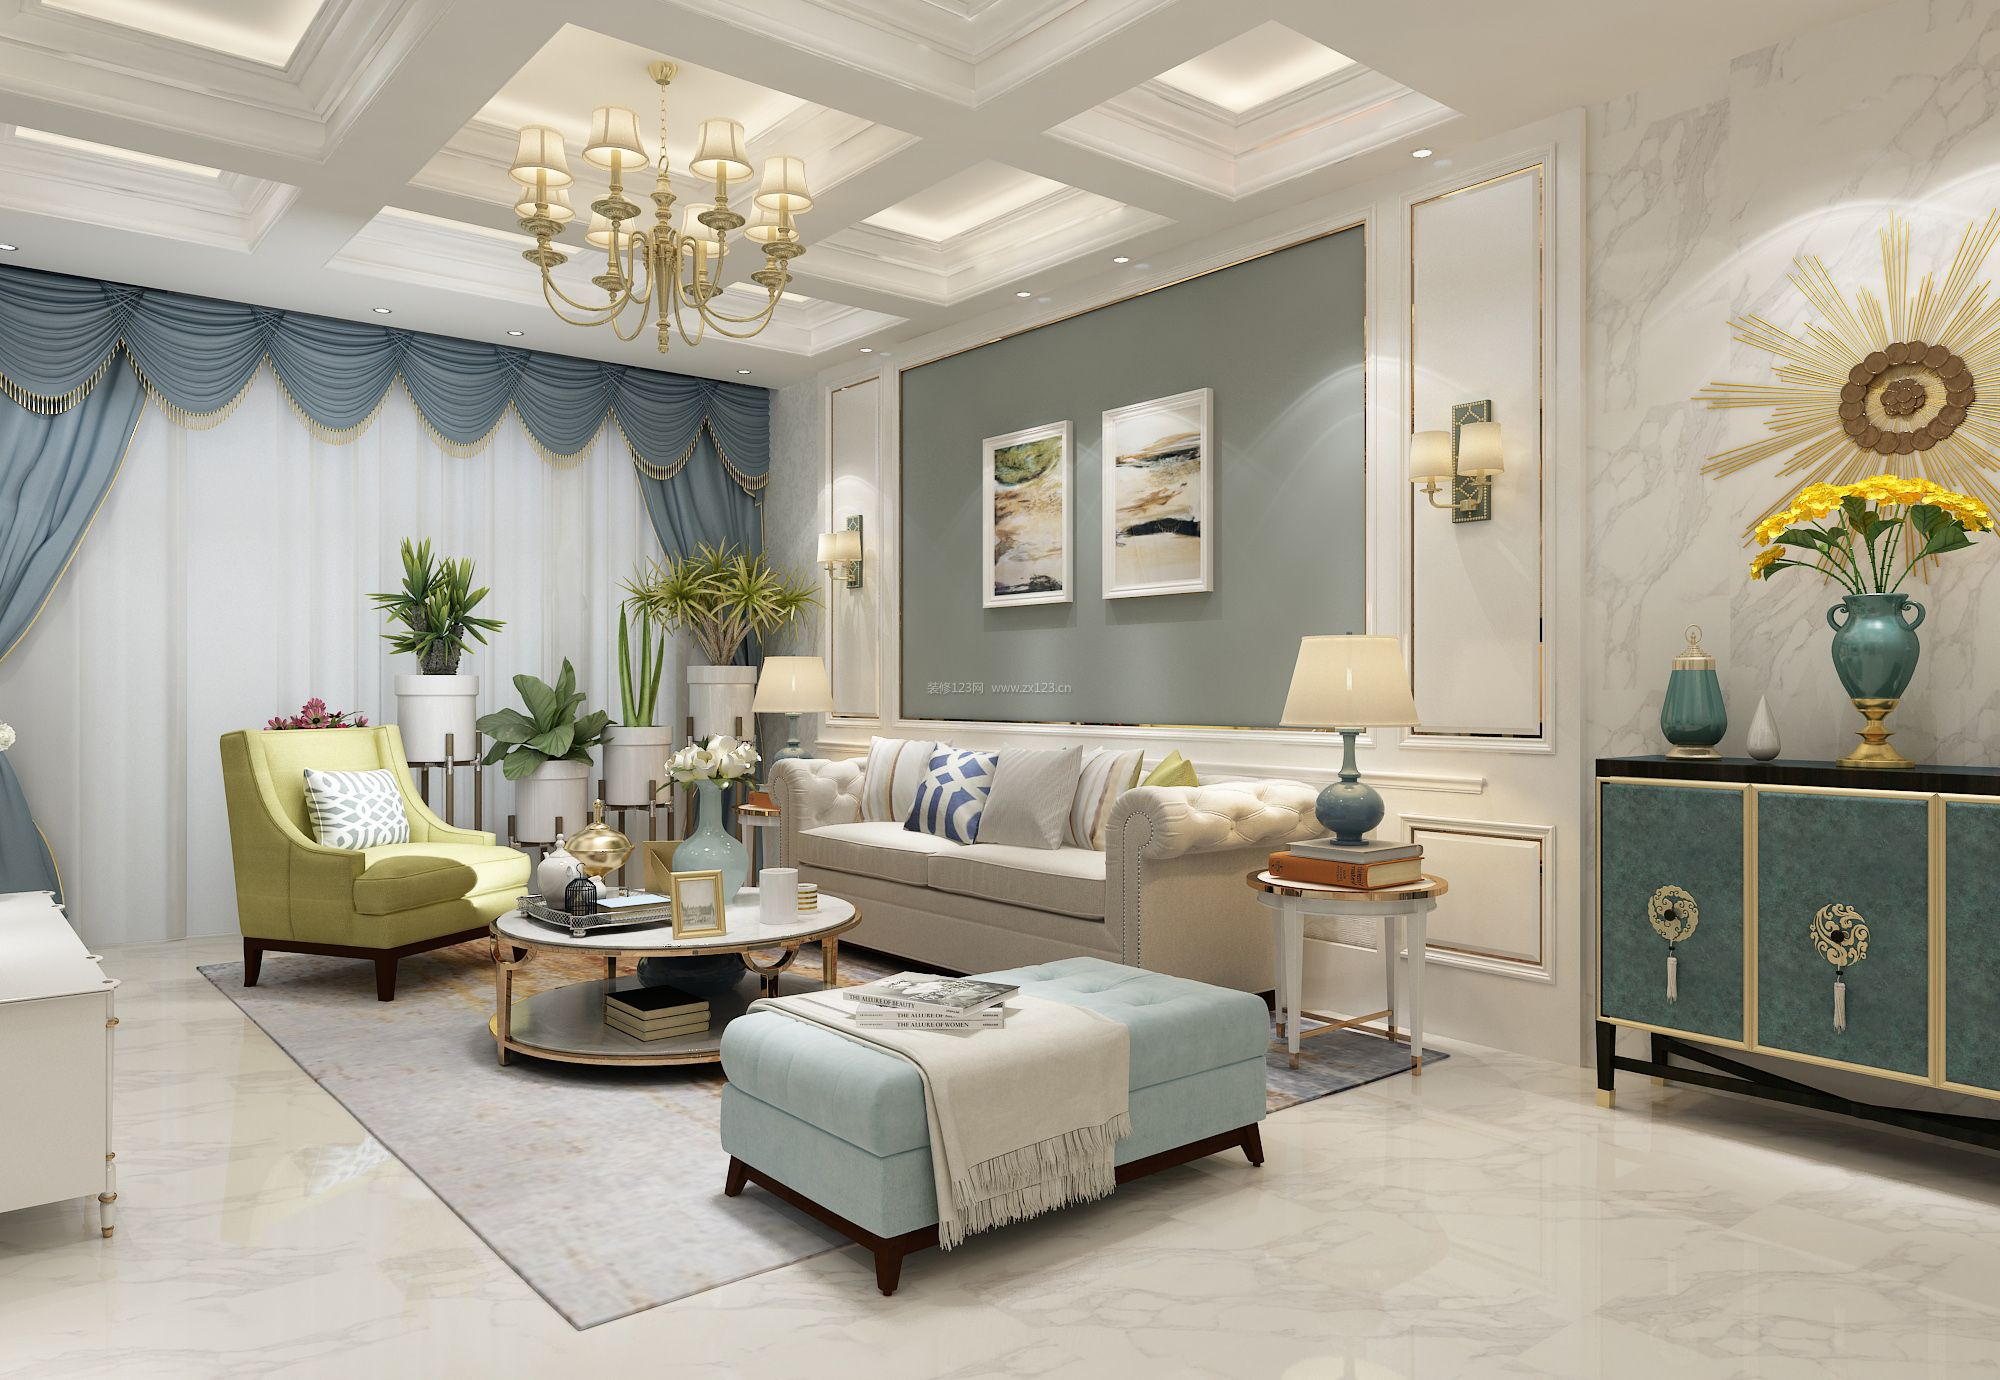 2018实用型简欧式客厅窗帘装修效果图片图片